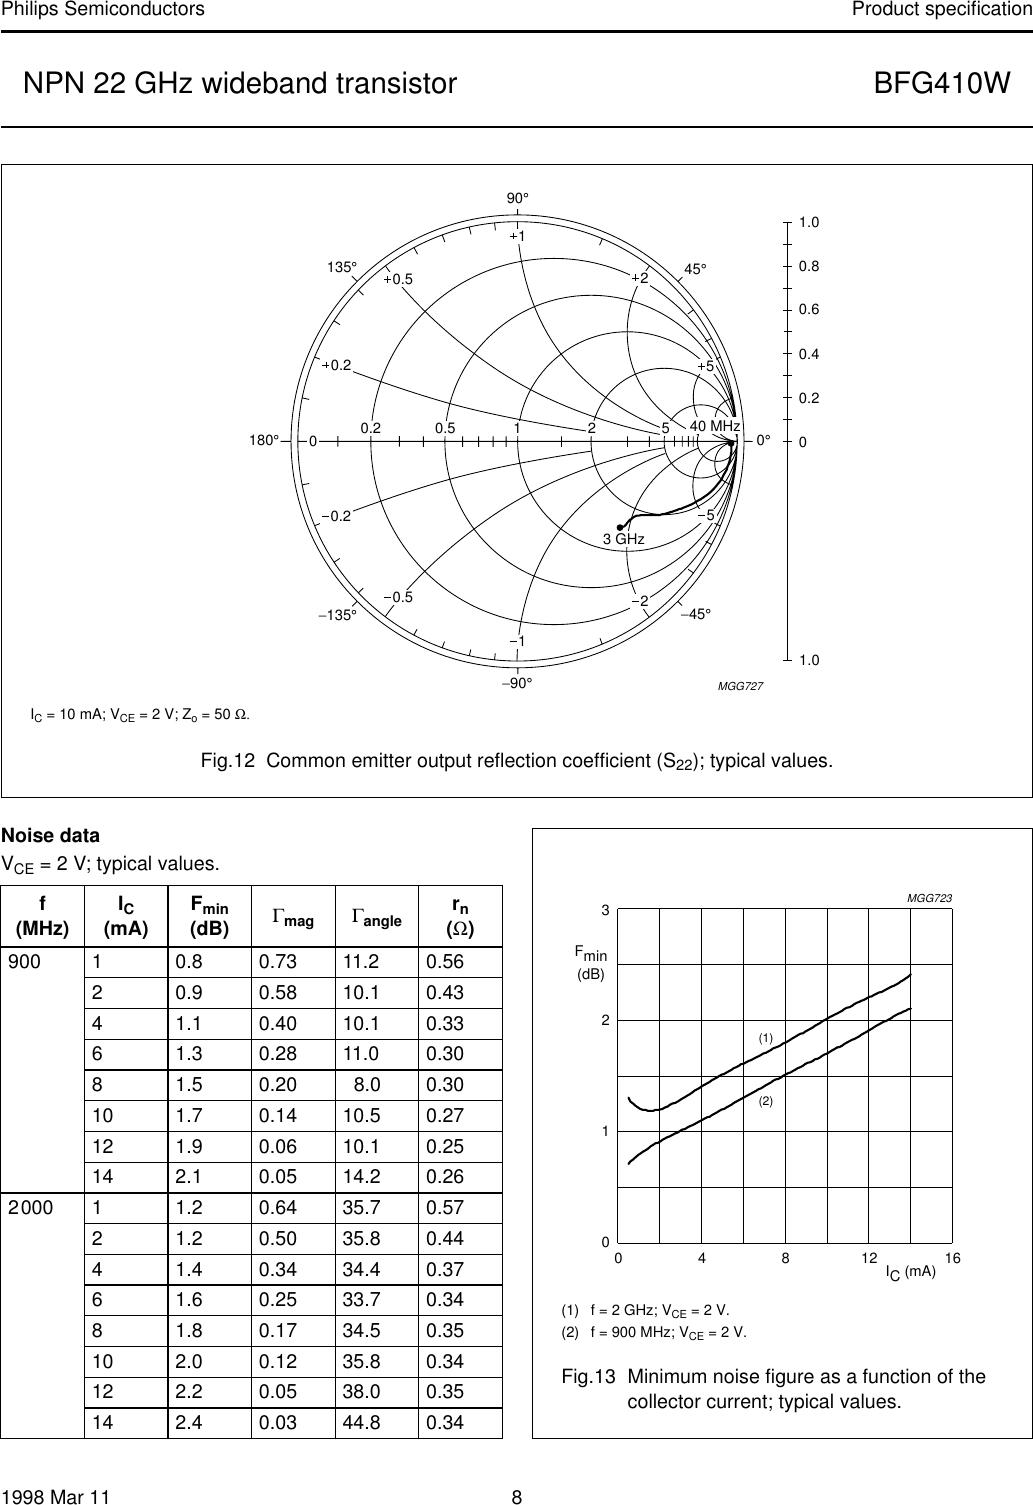 Spiegate cenere senza maniglie 8 LITRI Root Pouch pflanzbeutel PORTAVASI PIANTE